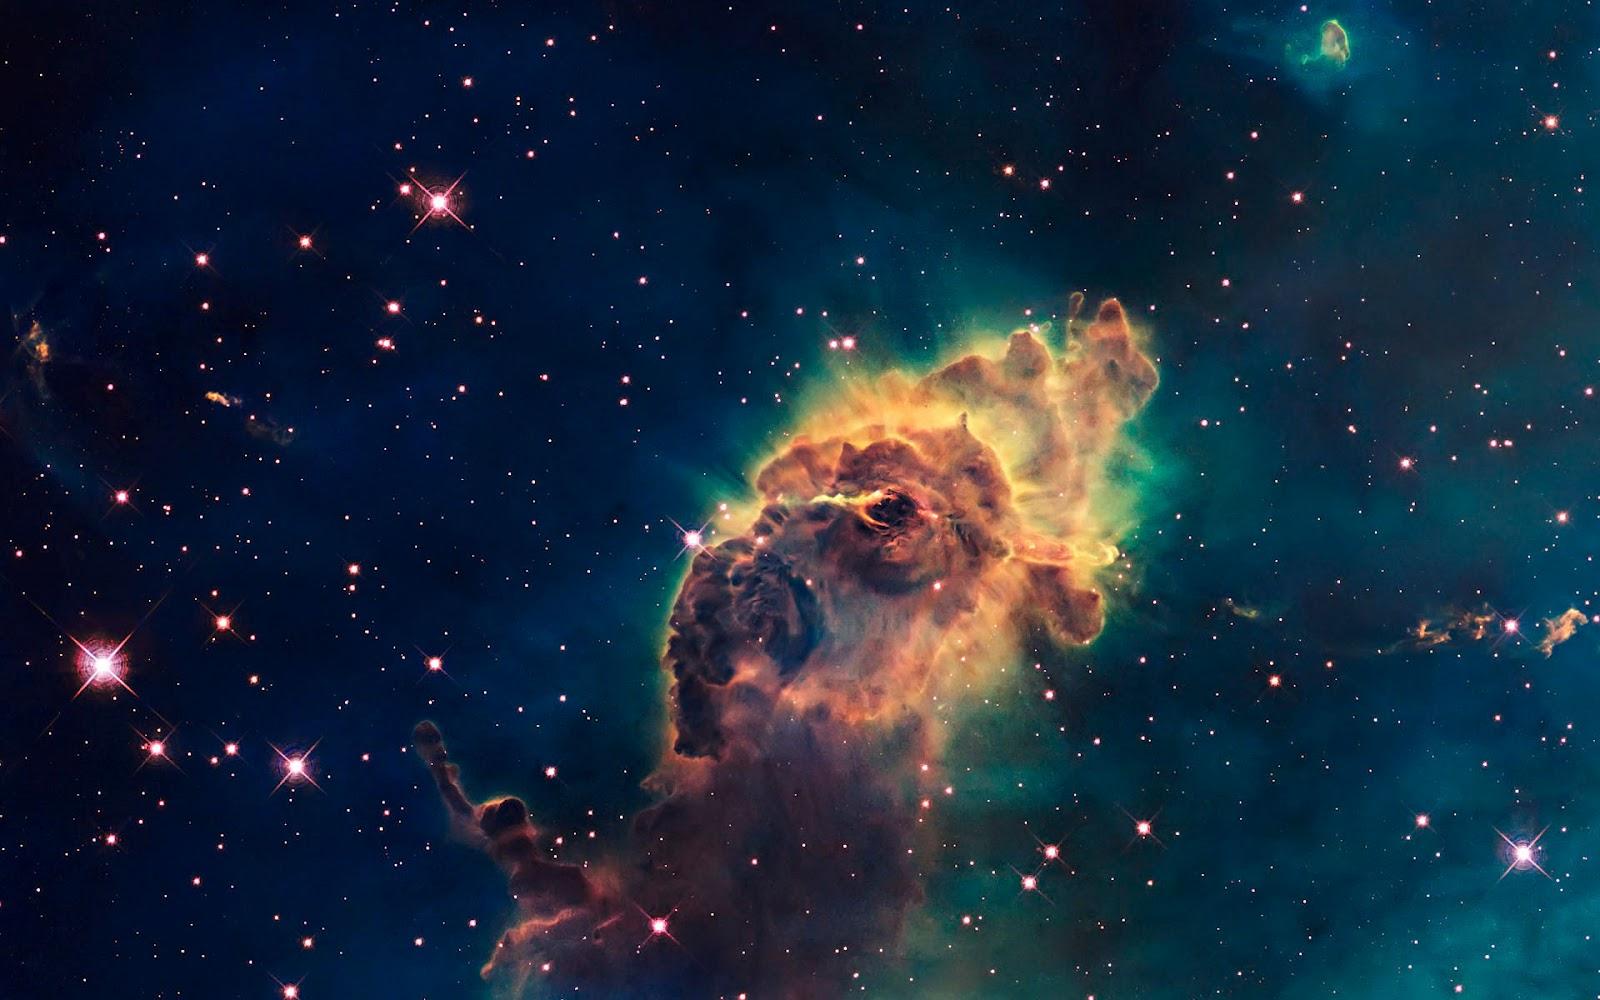 galaxy stars wallpaper hd 21